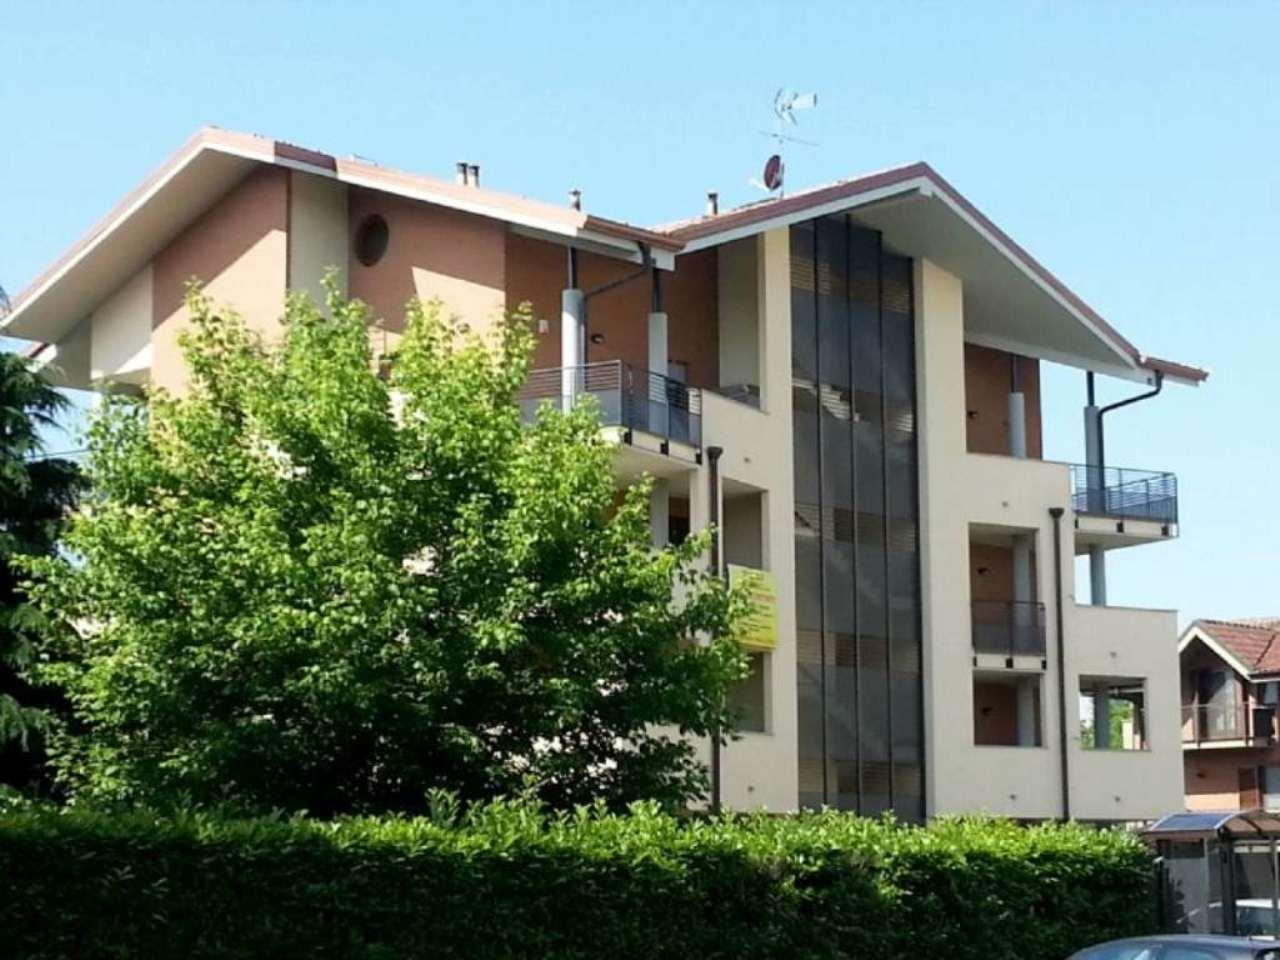 Appartamento in vendita a Trofarello, 2 locali, prezzo € 145.000 | CambioCasa.it